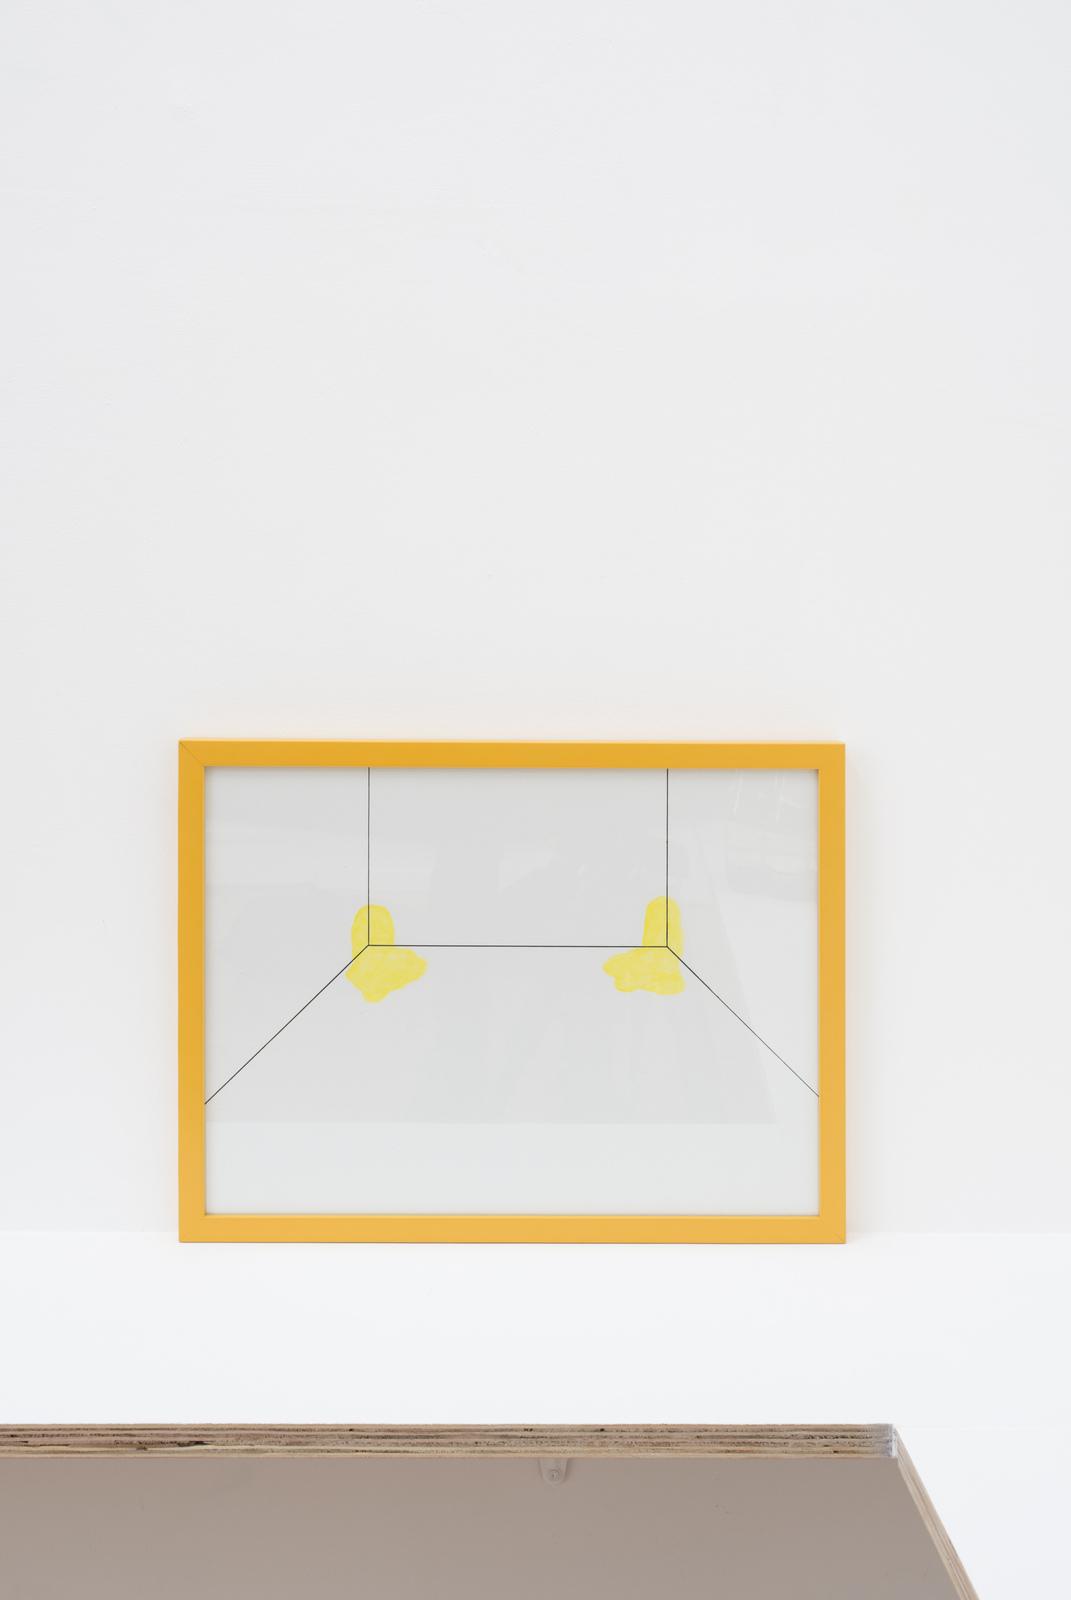 Gerard Herman, Braaf Qua Jongen, trampoline, 2016.12 36